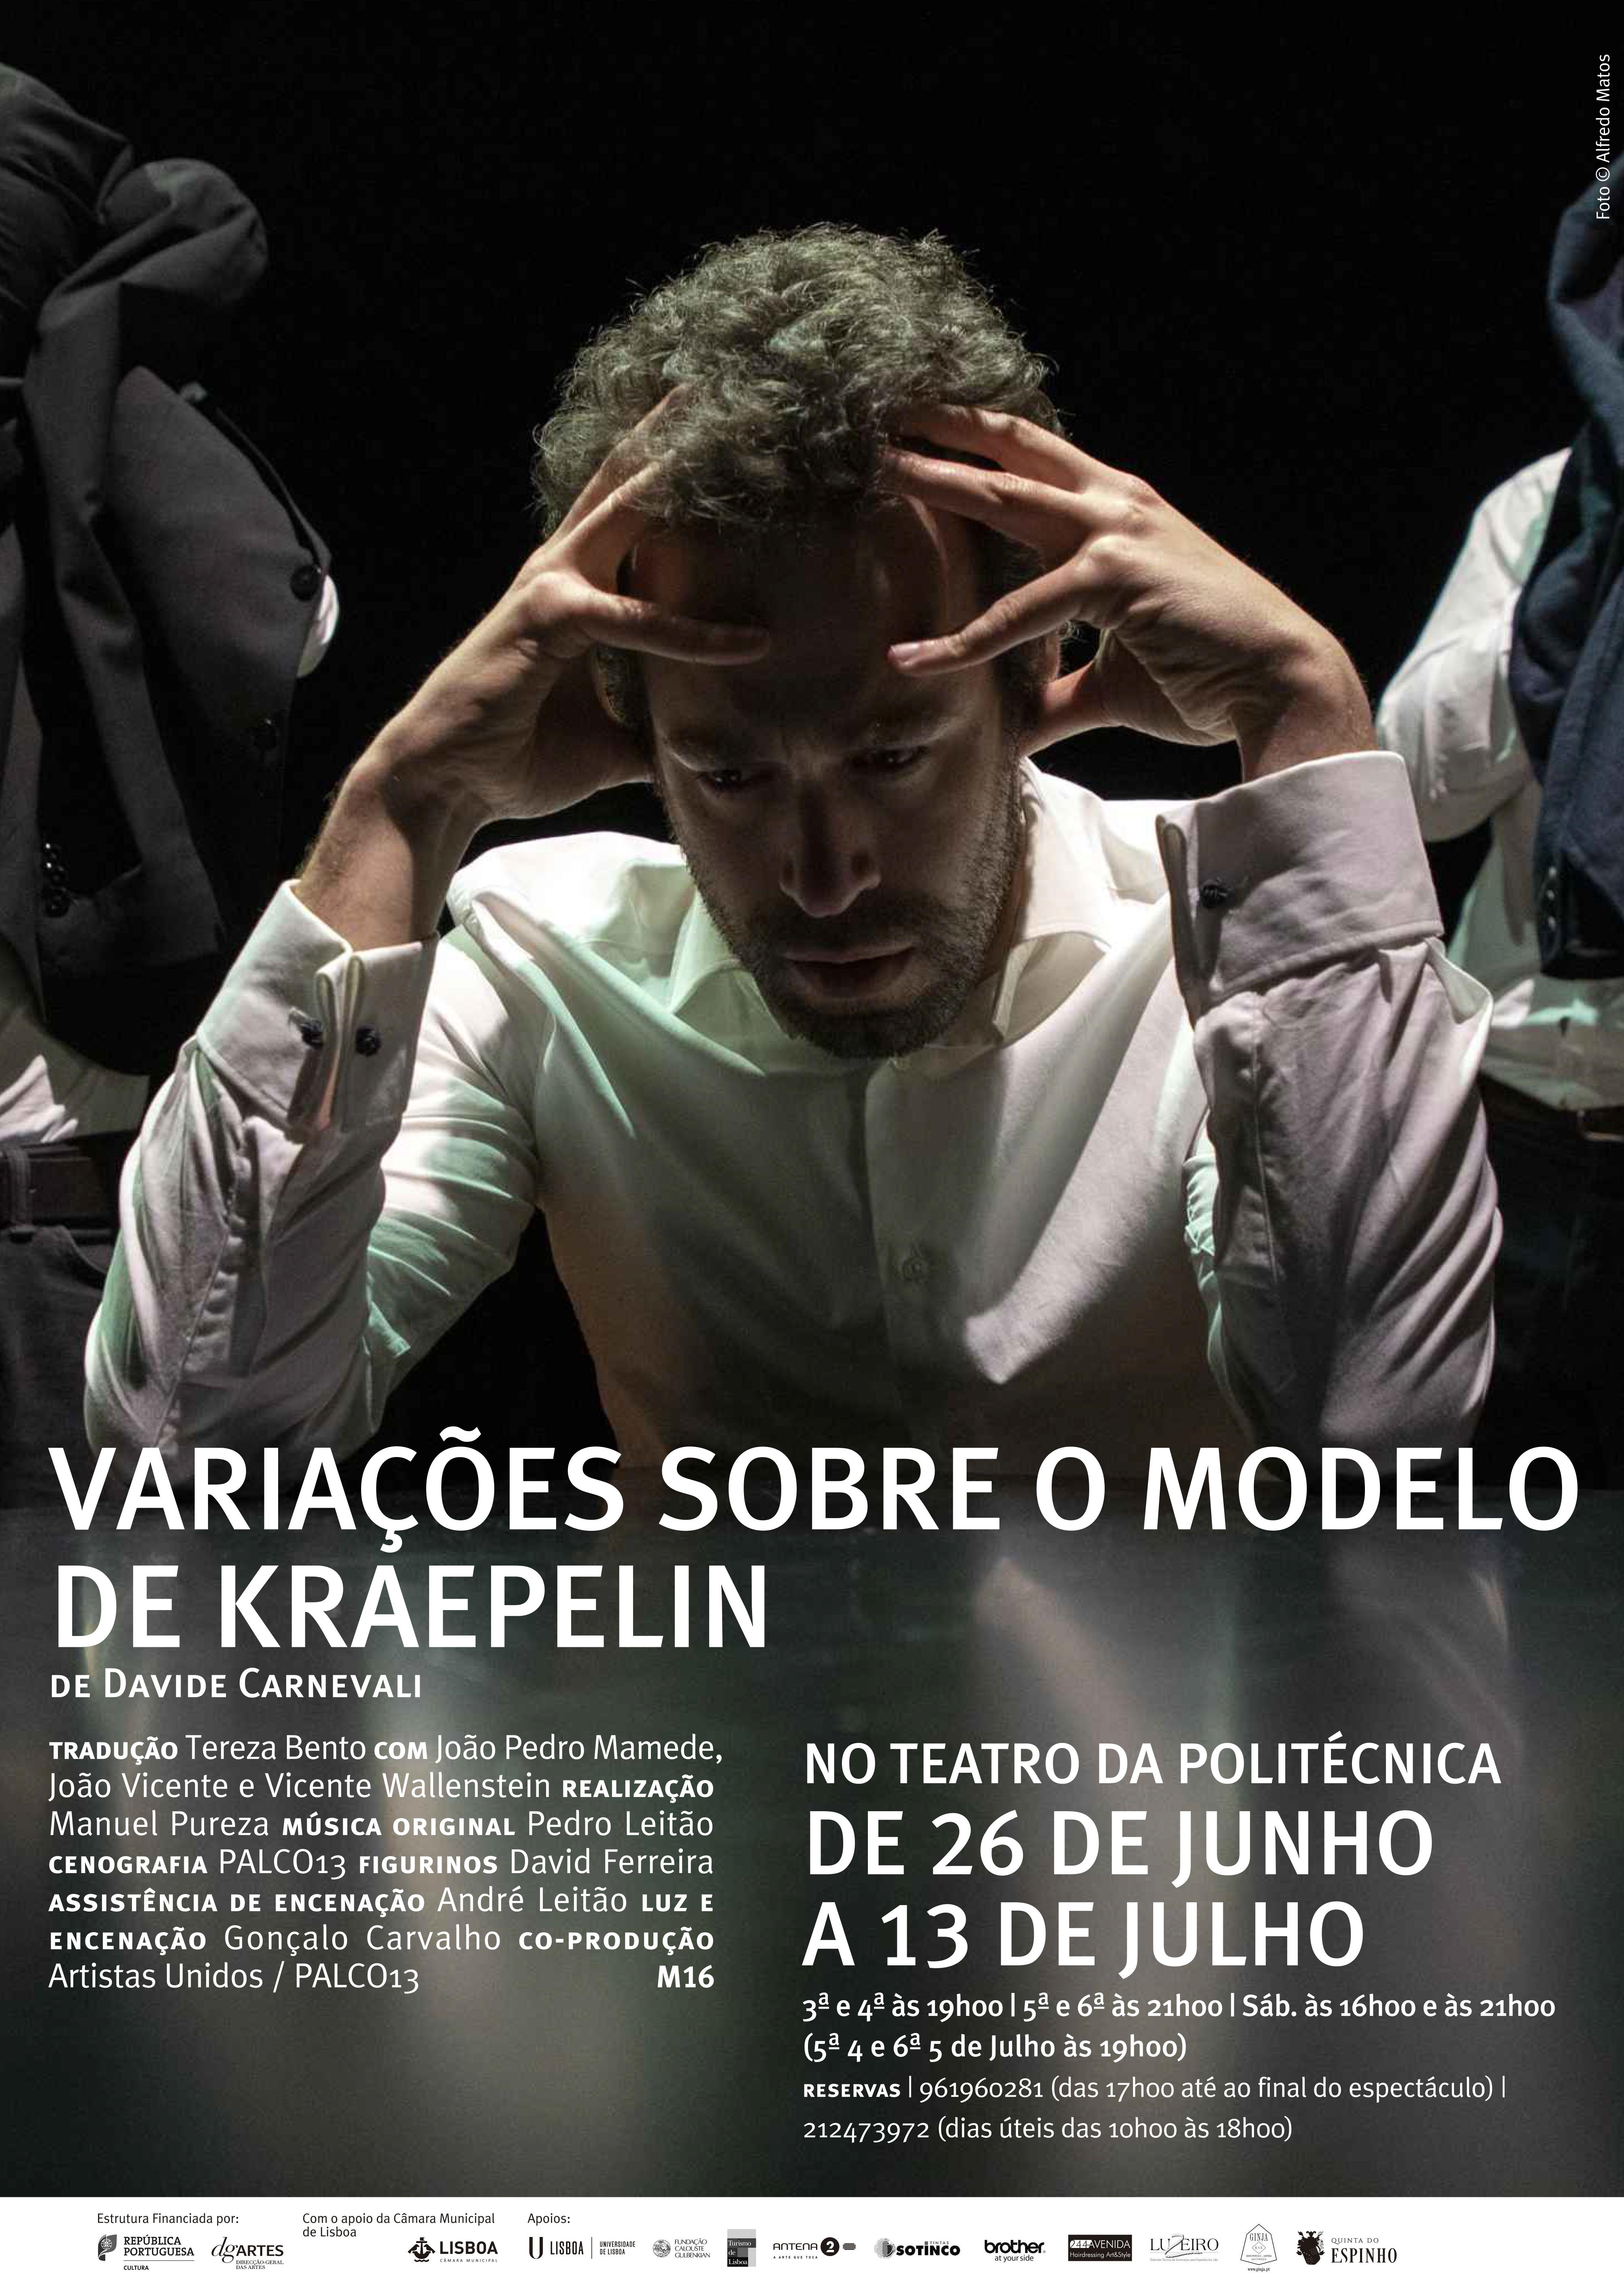 Variações Sobre o Modelo de Kraepelin